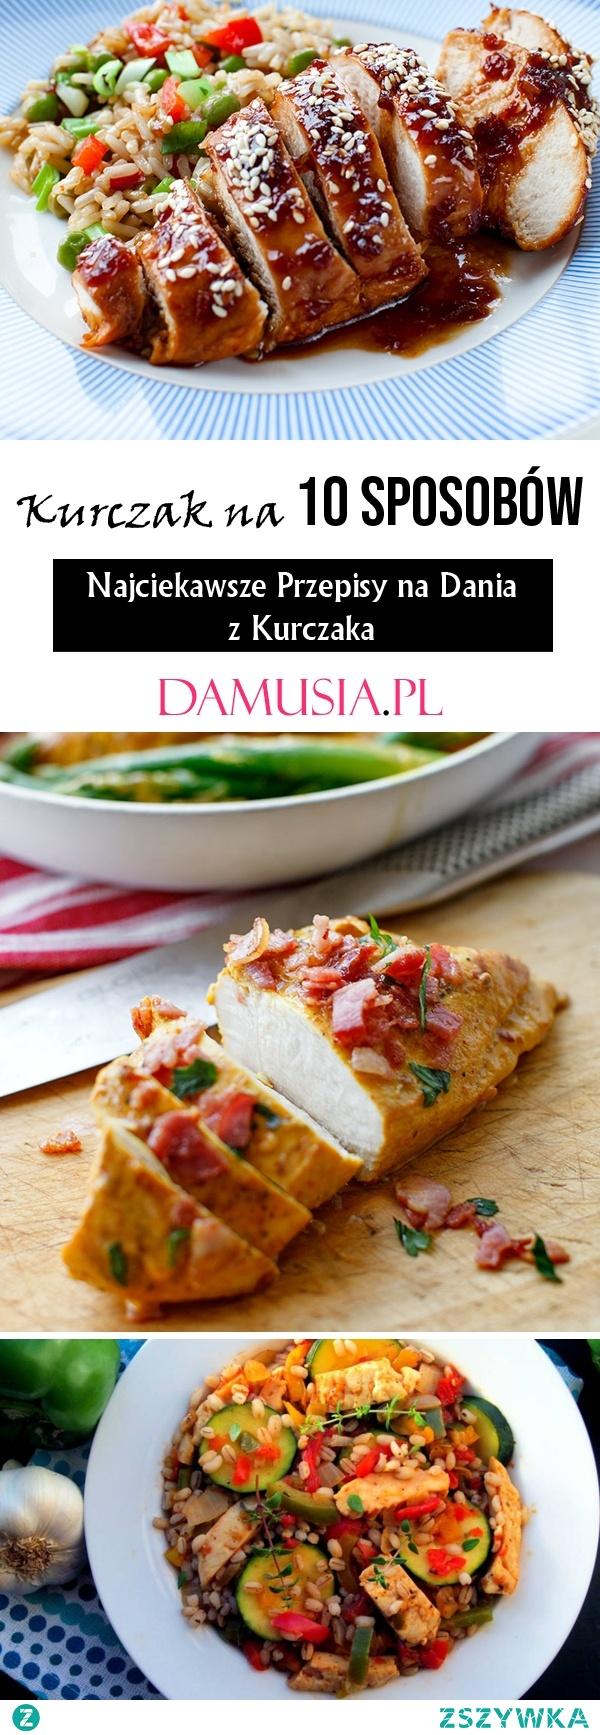 Kurczak na 10 Sposobów – Najciekawsze Przepisy na Dania z Kurczaka